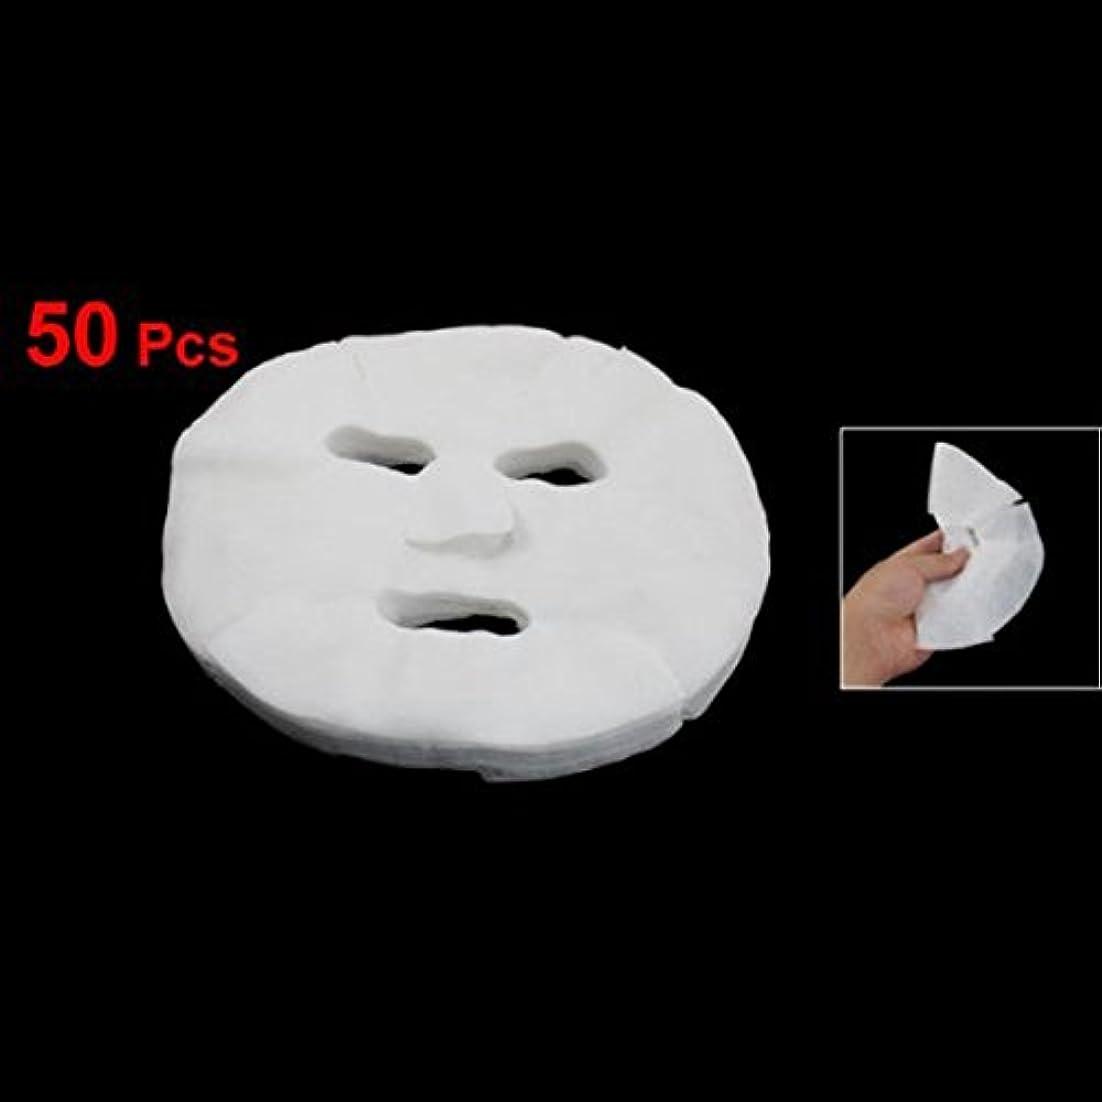 実験神経衰弱隣接するRETYLY RETYLY(R)50pcs女性の化粧品拡大コットンフェイシャルマスクシート